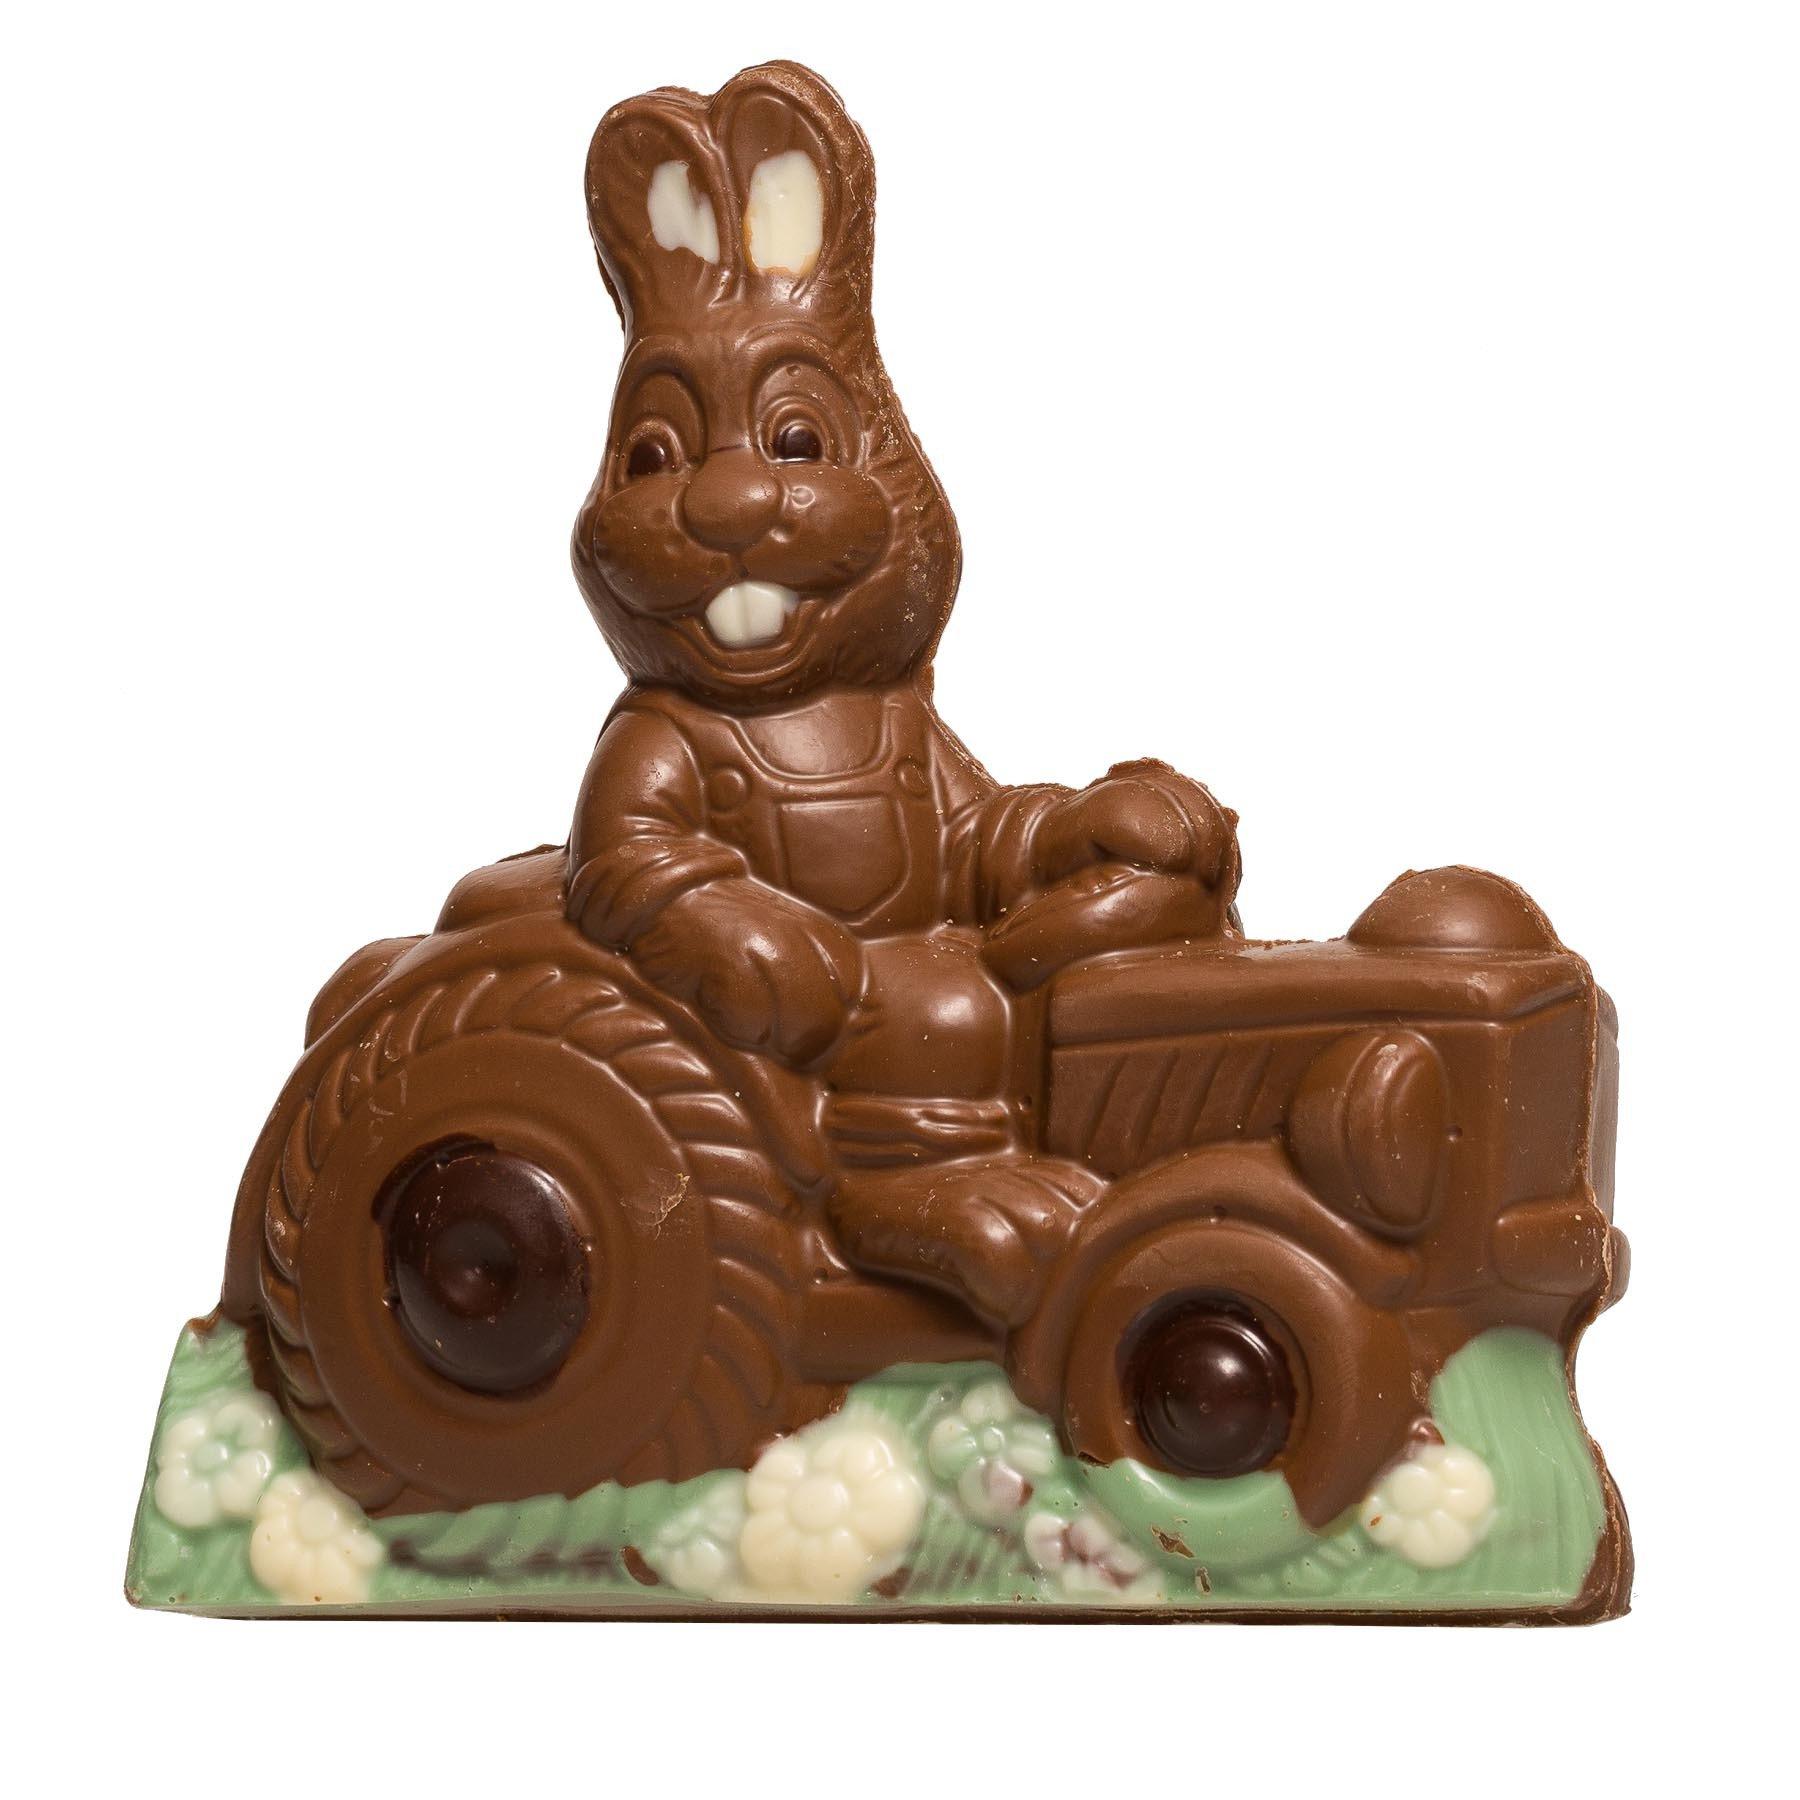 Lapin sur son tracteur en chocolat